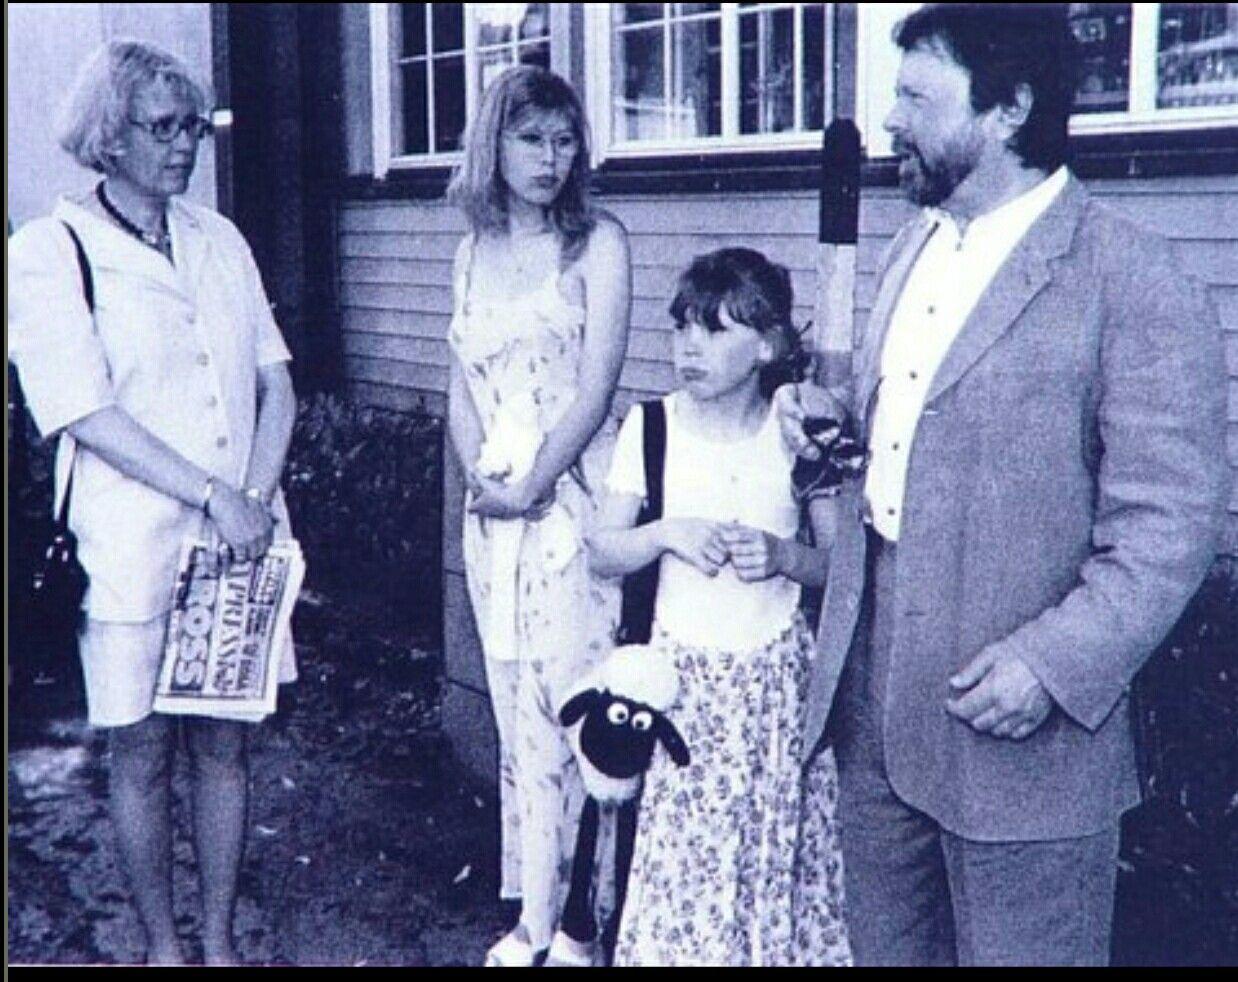 Björn mit seiner Frau Lena und den Kindern Emma und Anna vor seinem Haus in Stockholm